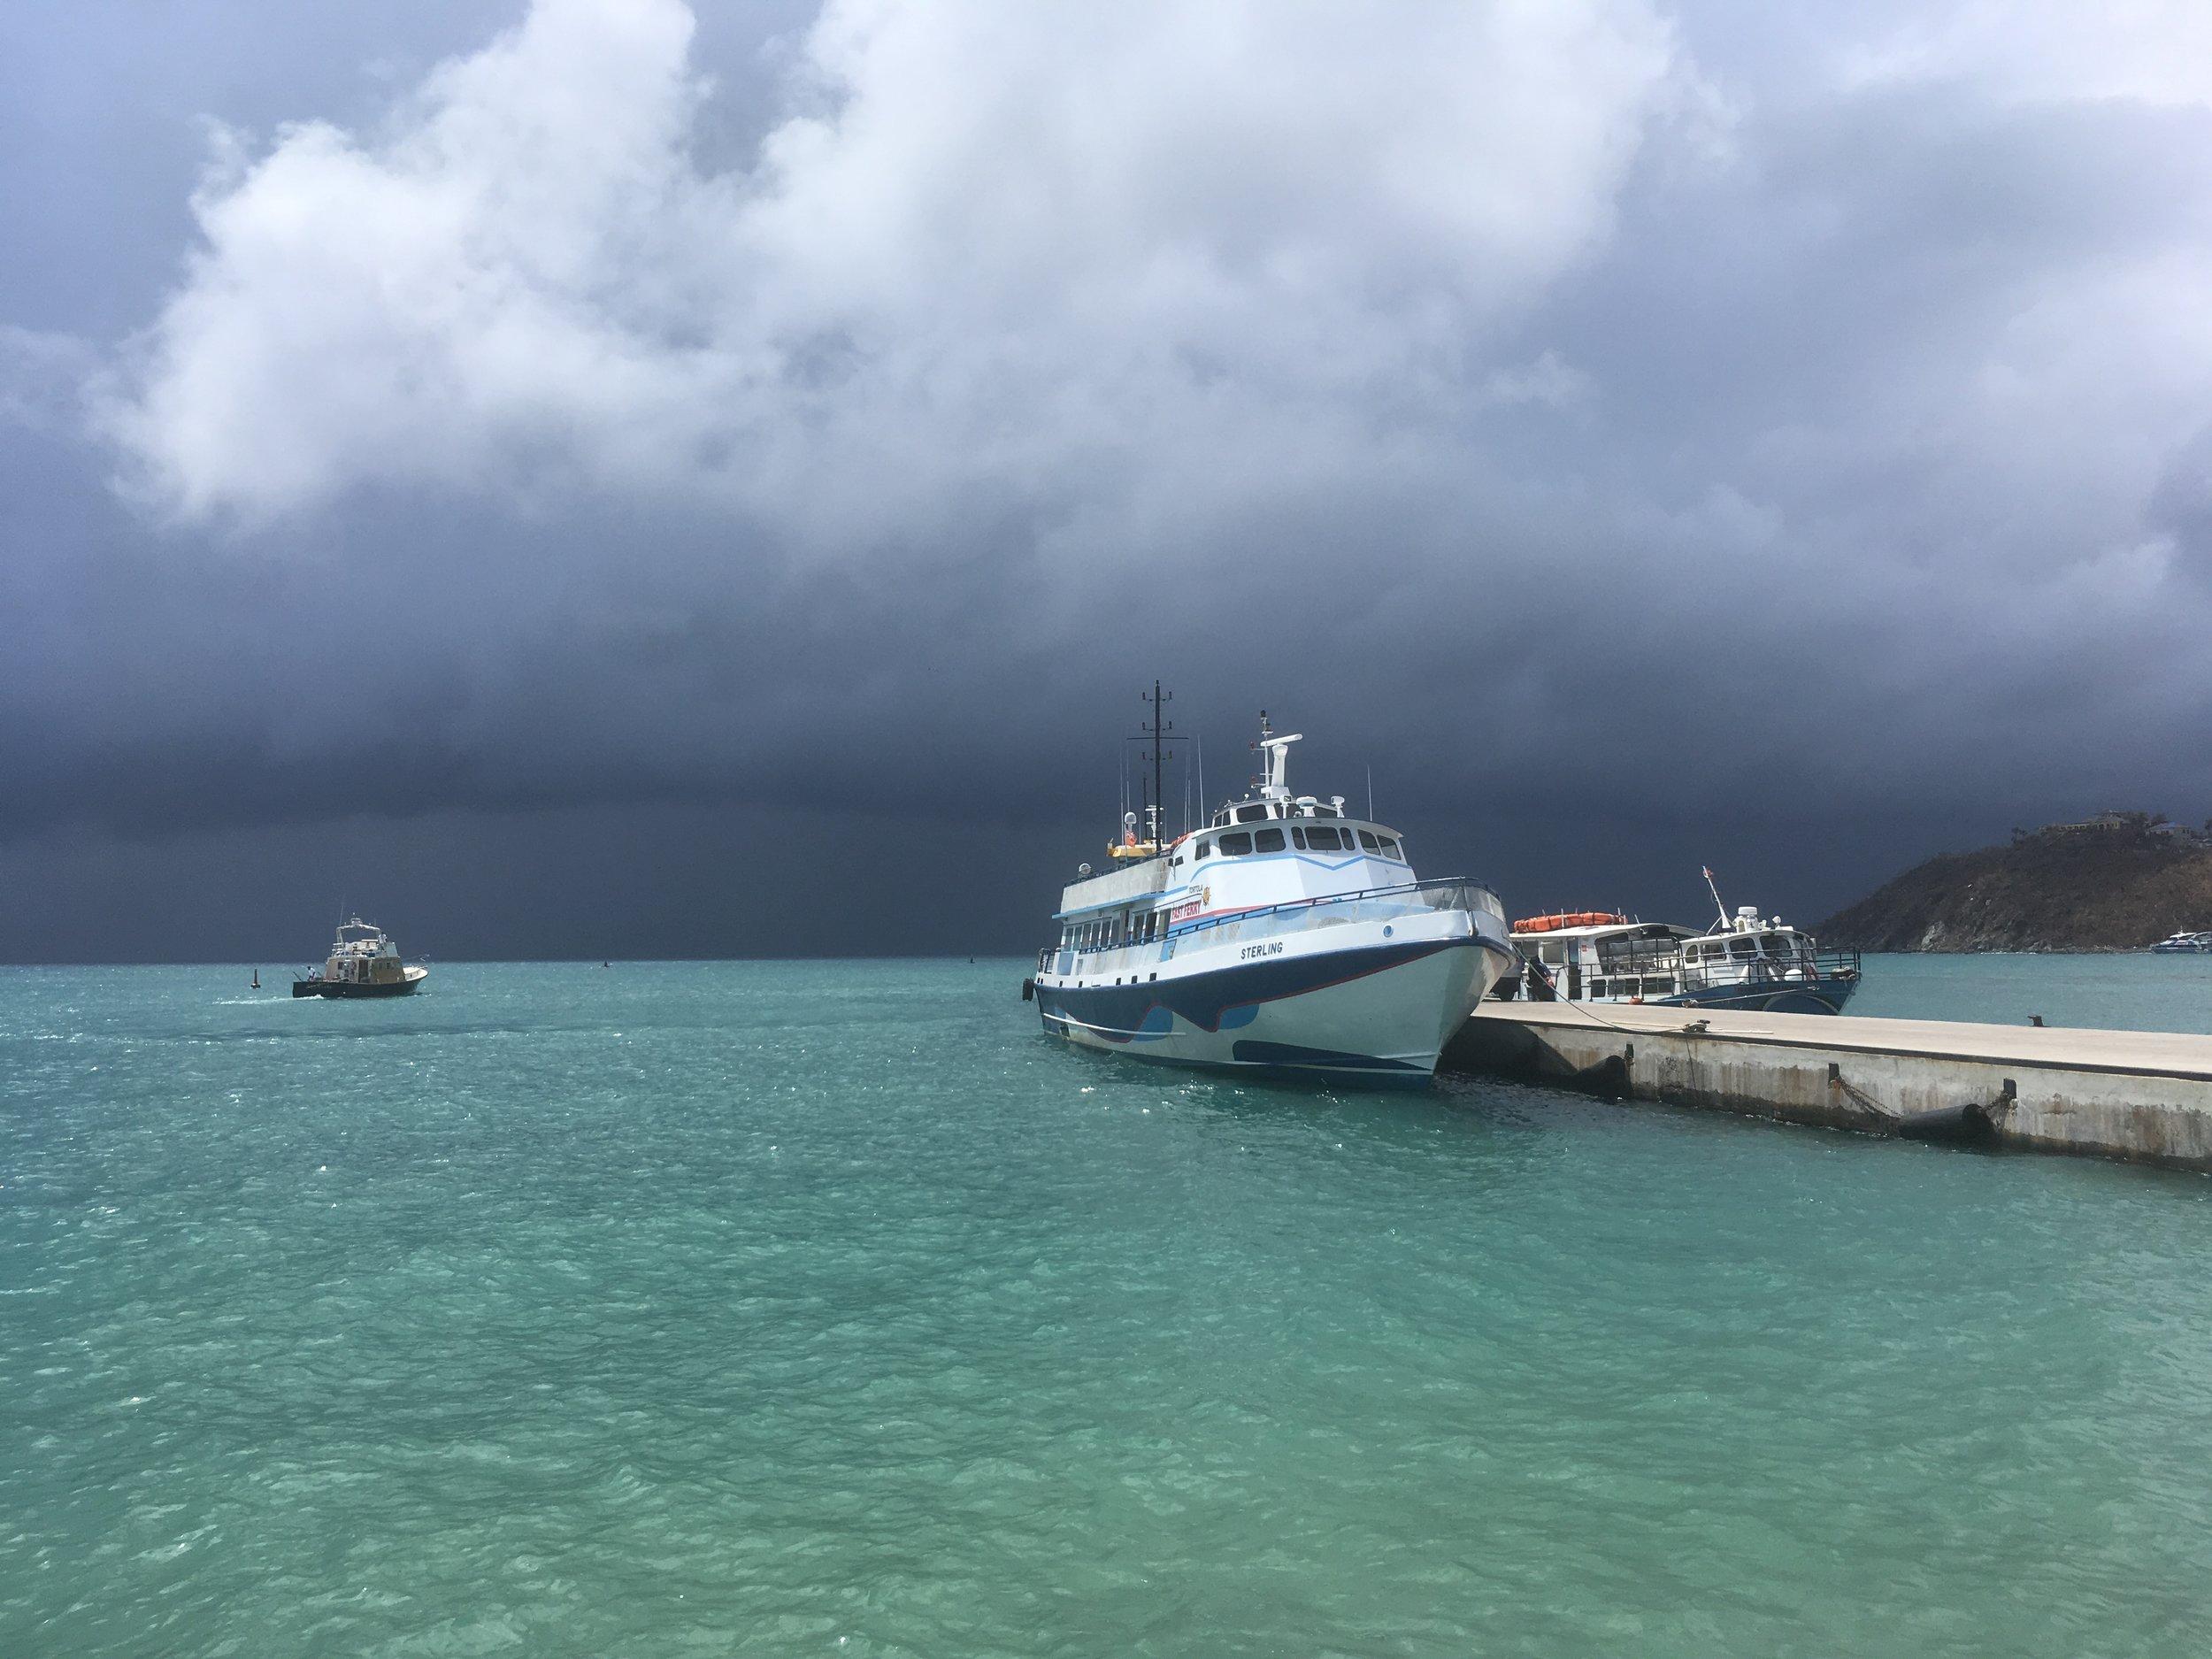 Storm clouds brew over Virgin Gorda